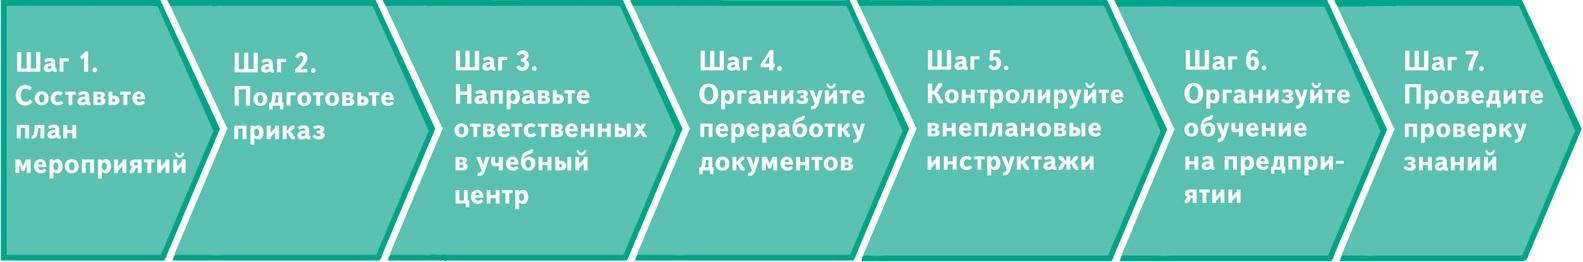 Правила охраны труда при эксплуатации промышленного транспорта с 2019 года